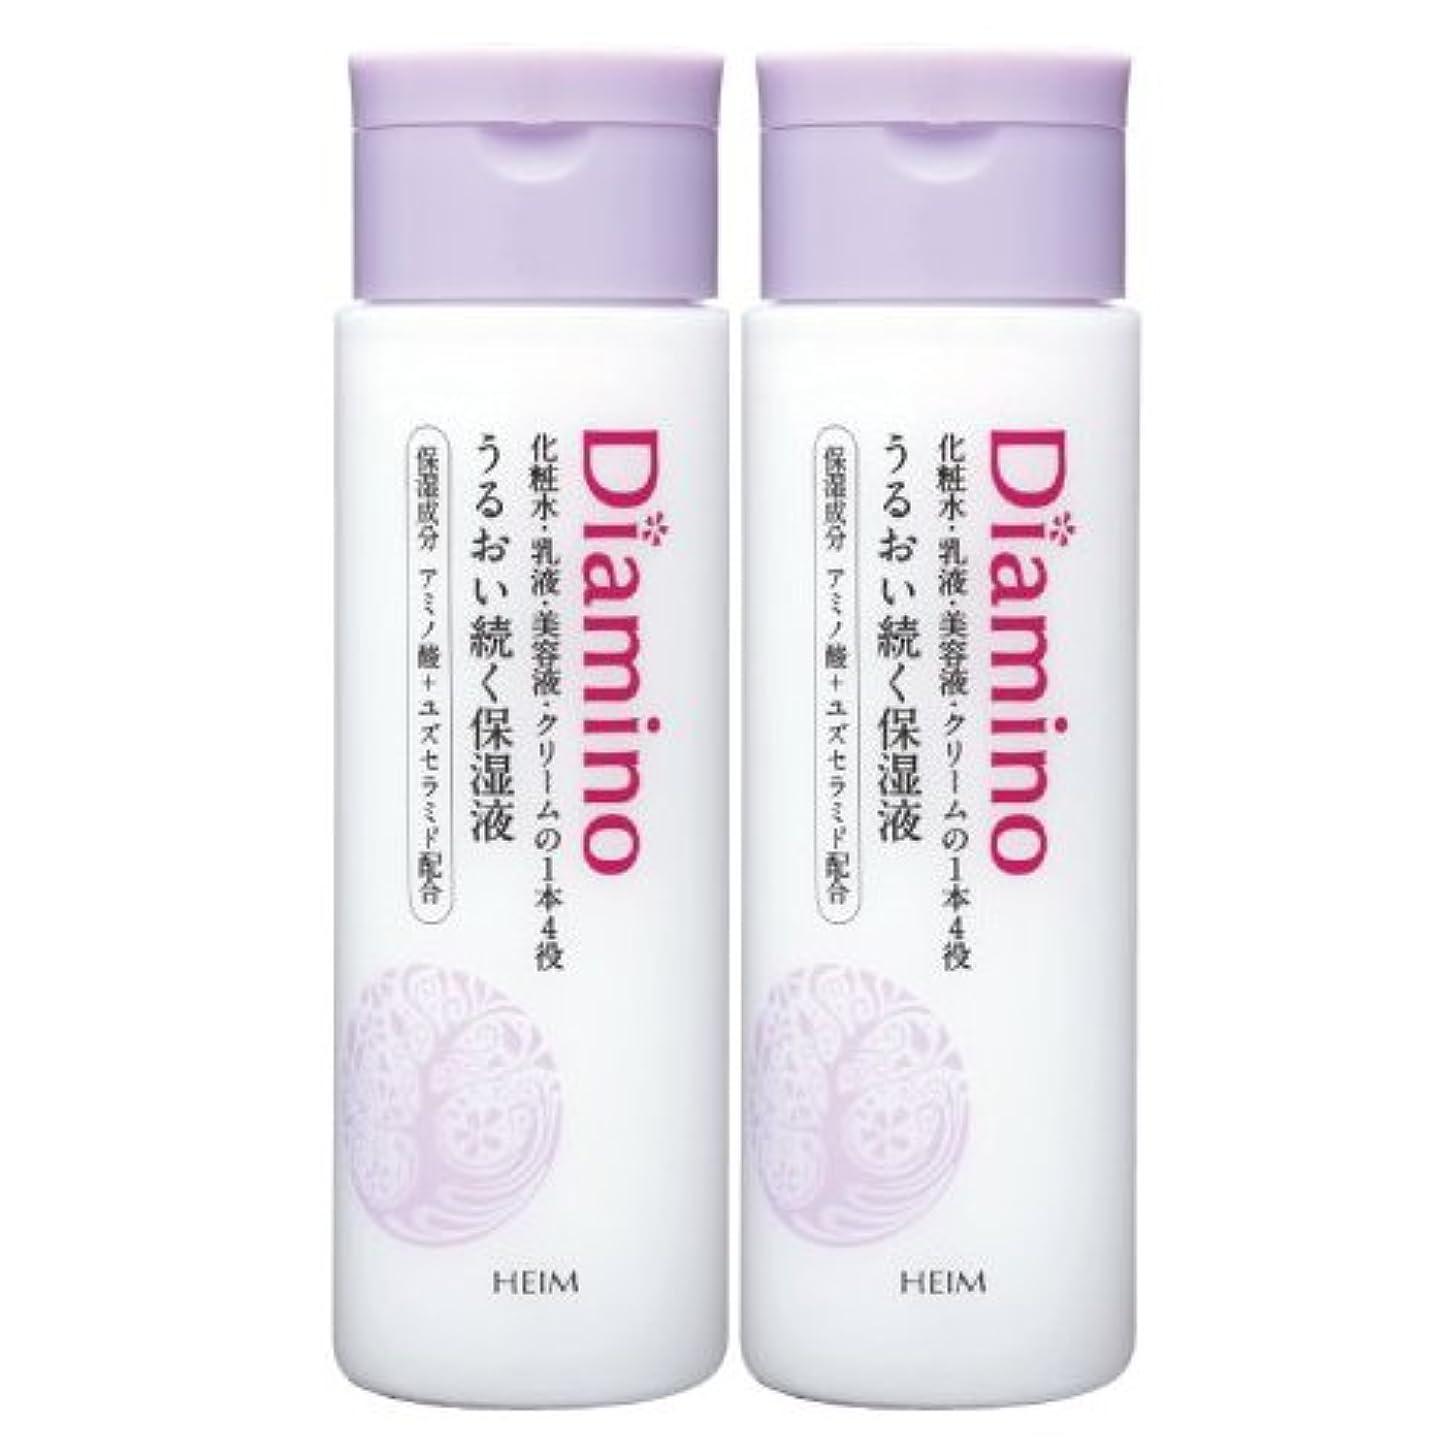 赤ちゃんデッキ巡礼者ハイム化粧品/ディアミノ 保湿化粧液×2個